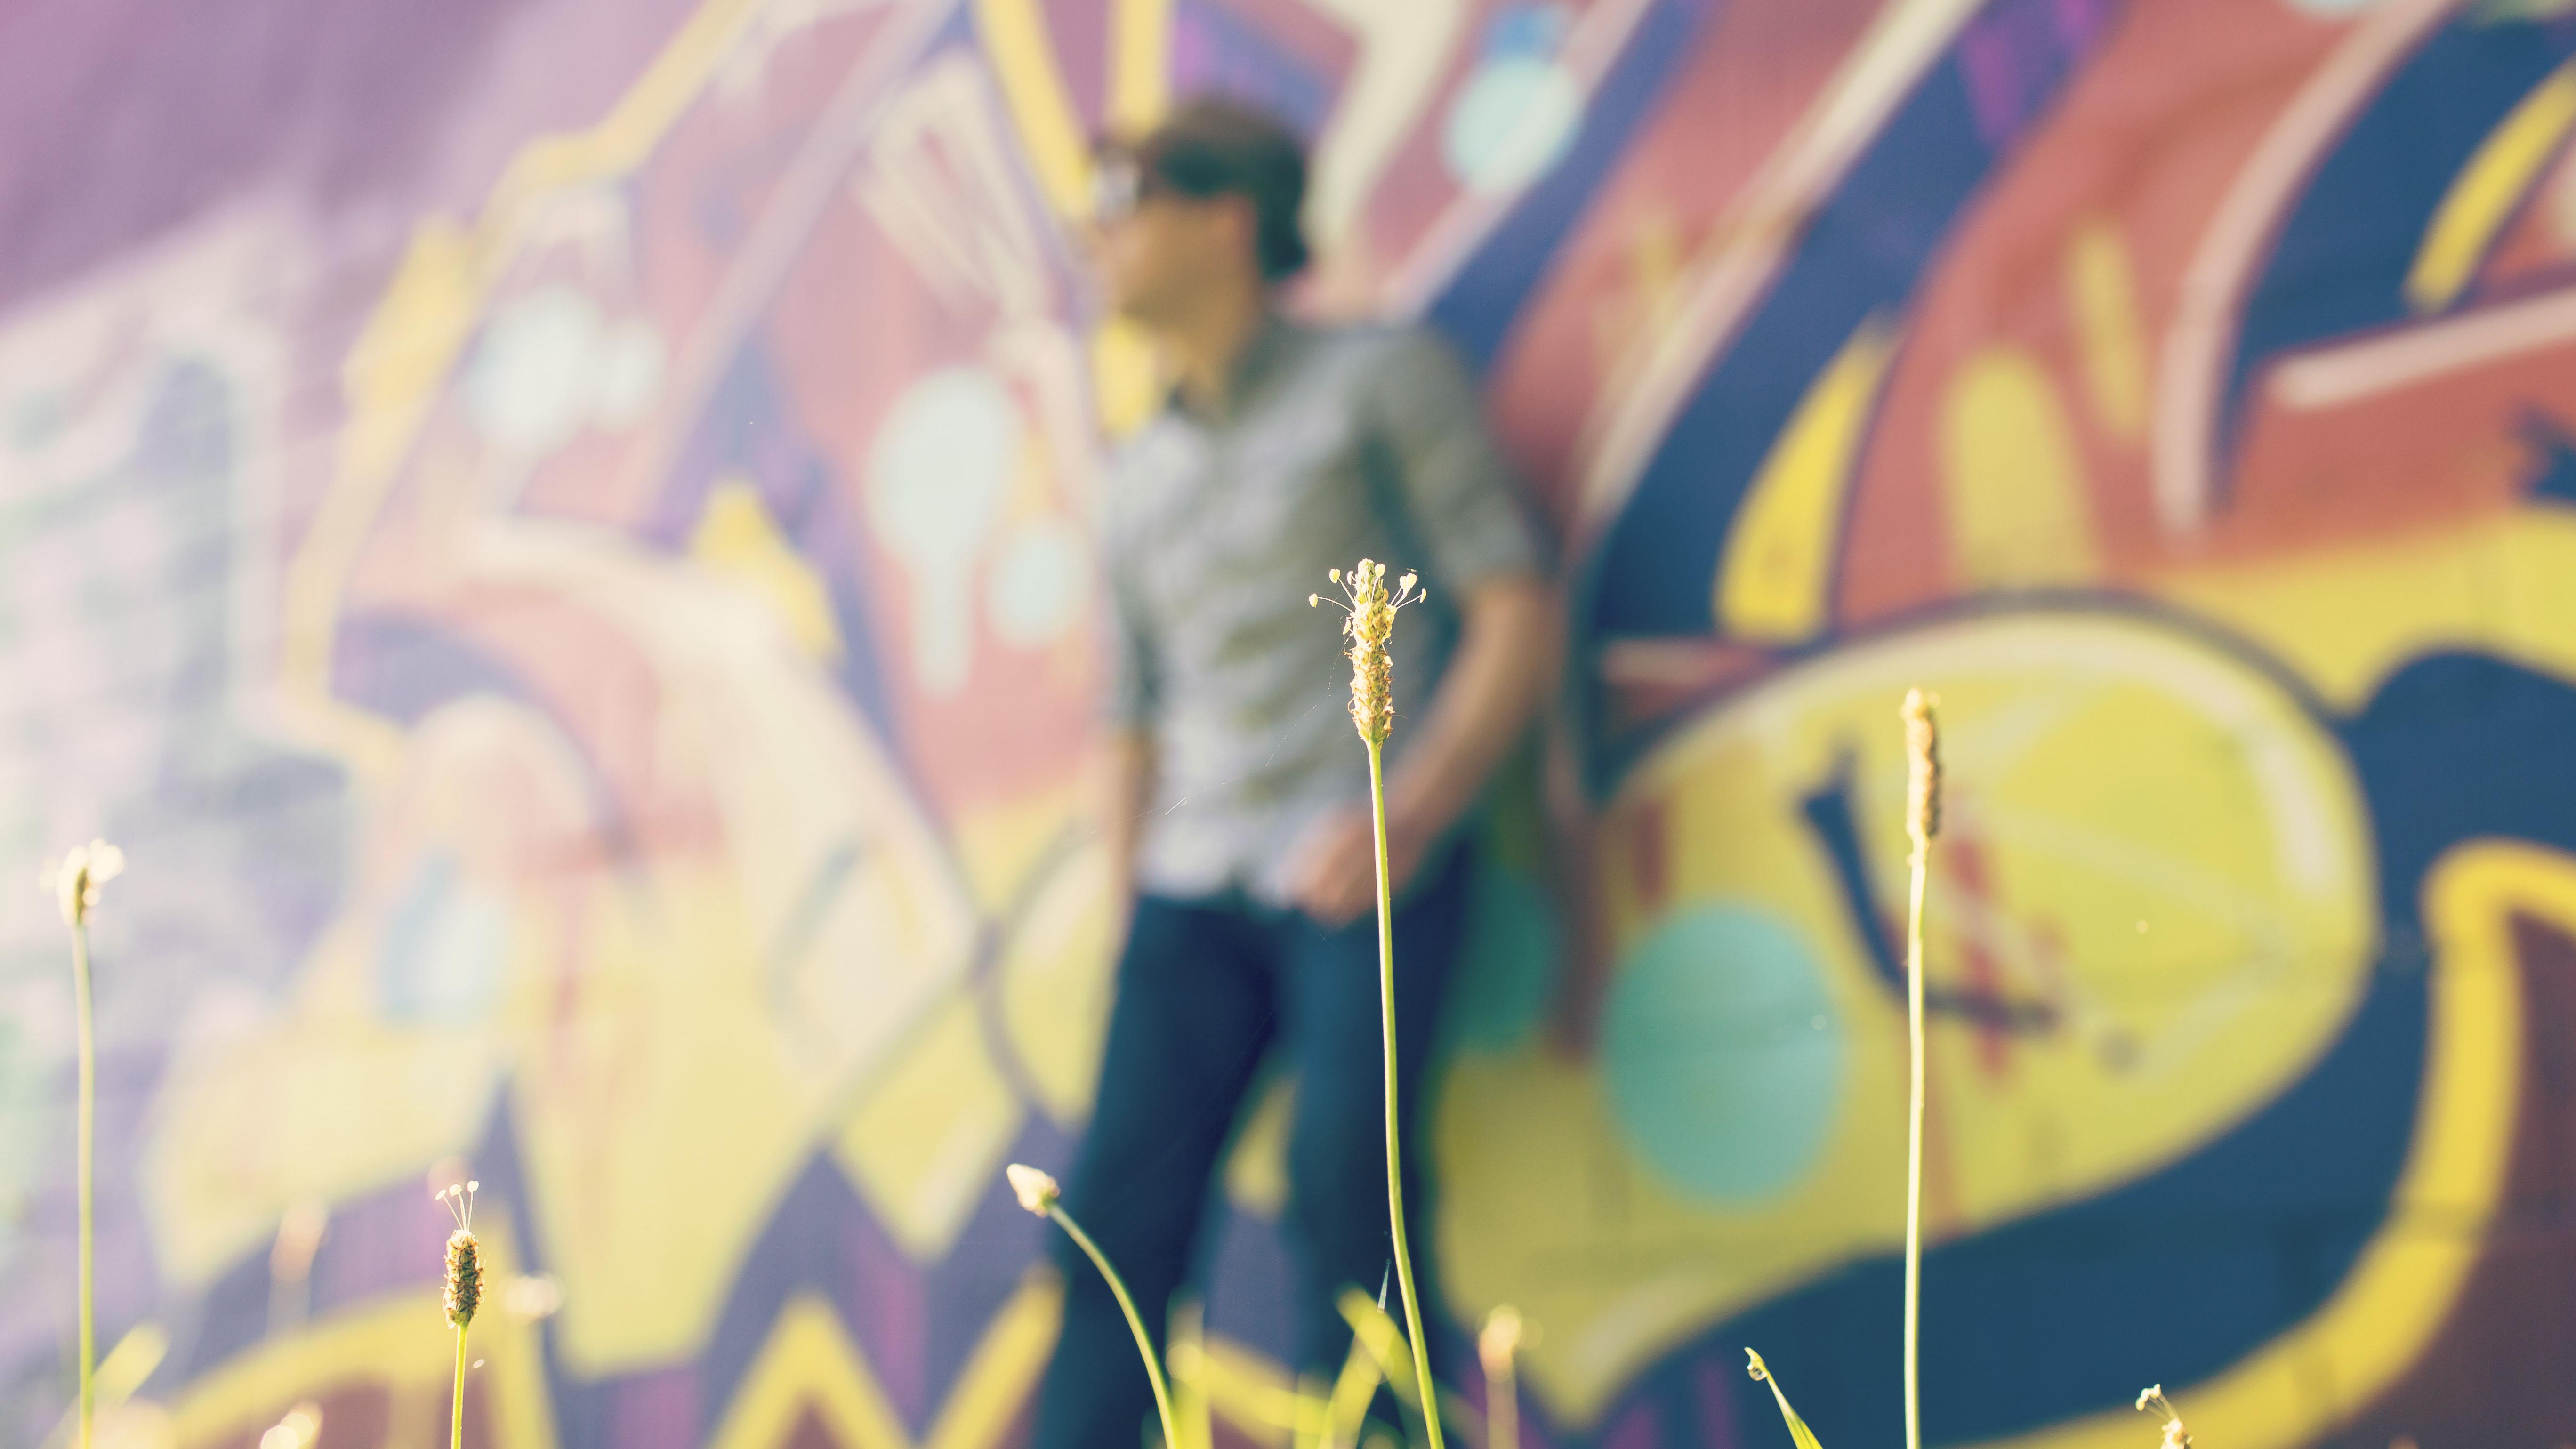 Voorbereidingen voor graffiti kunstwerk